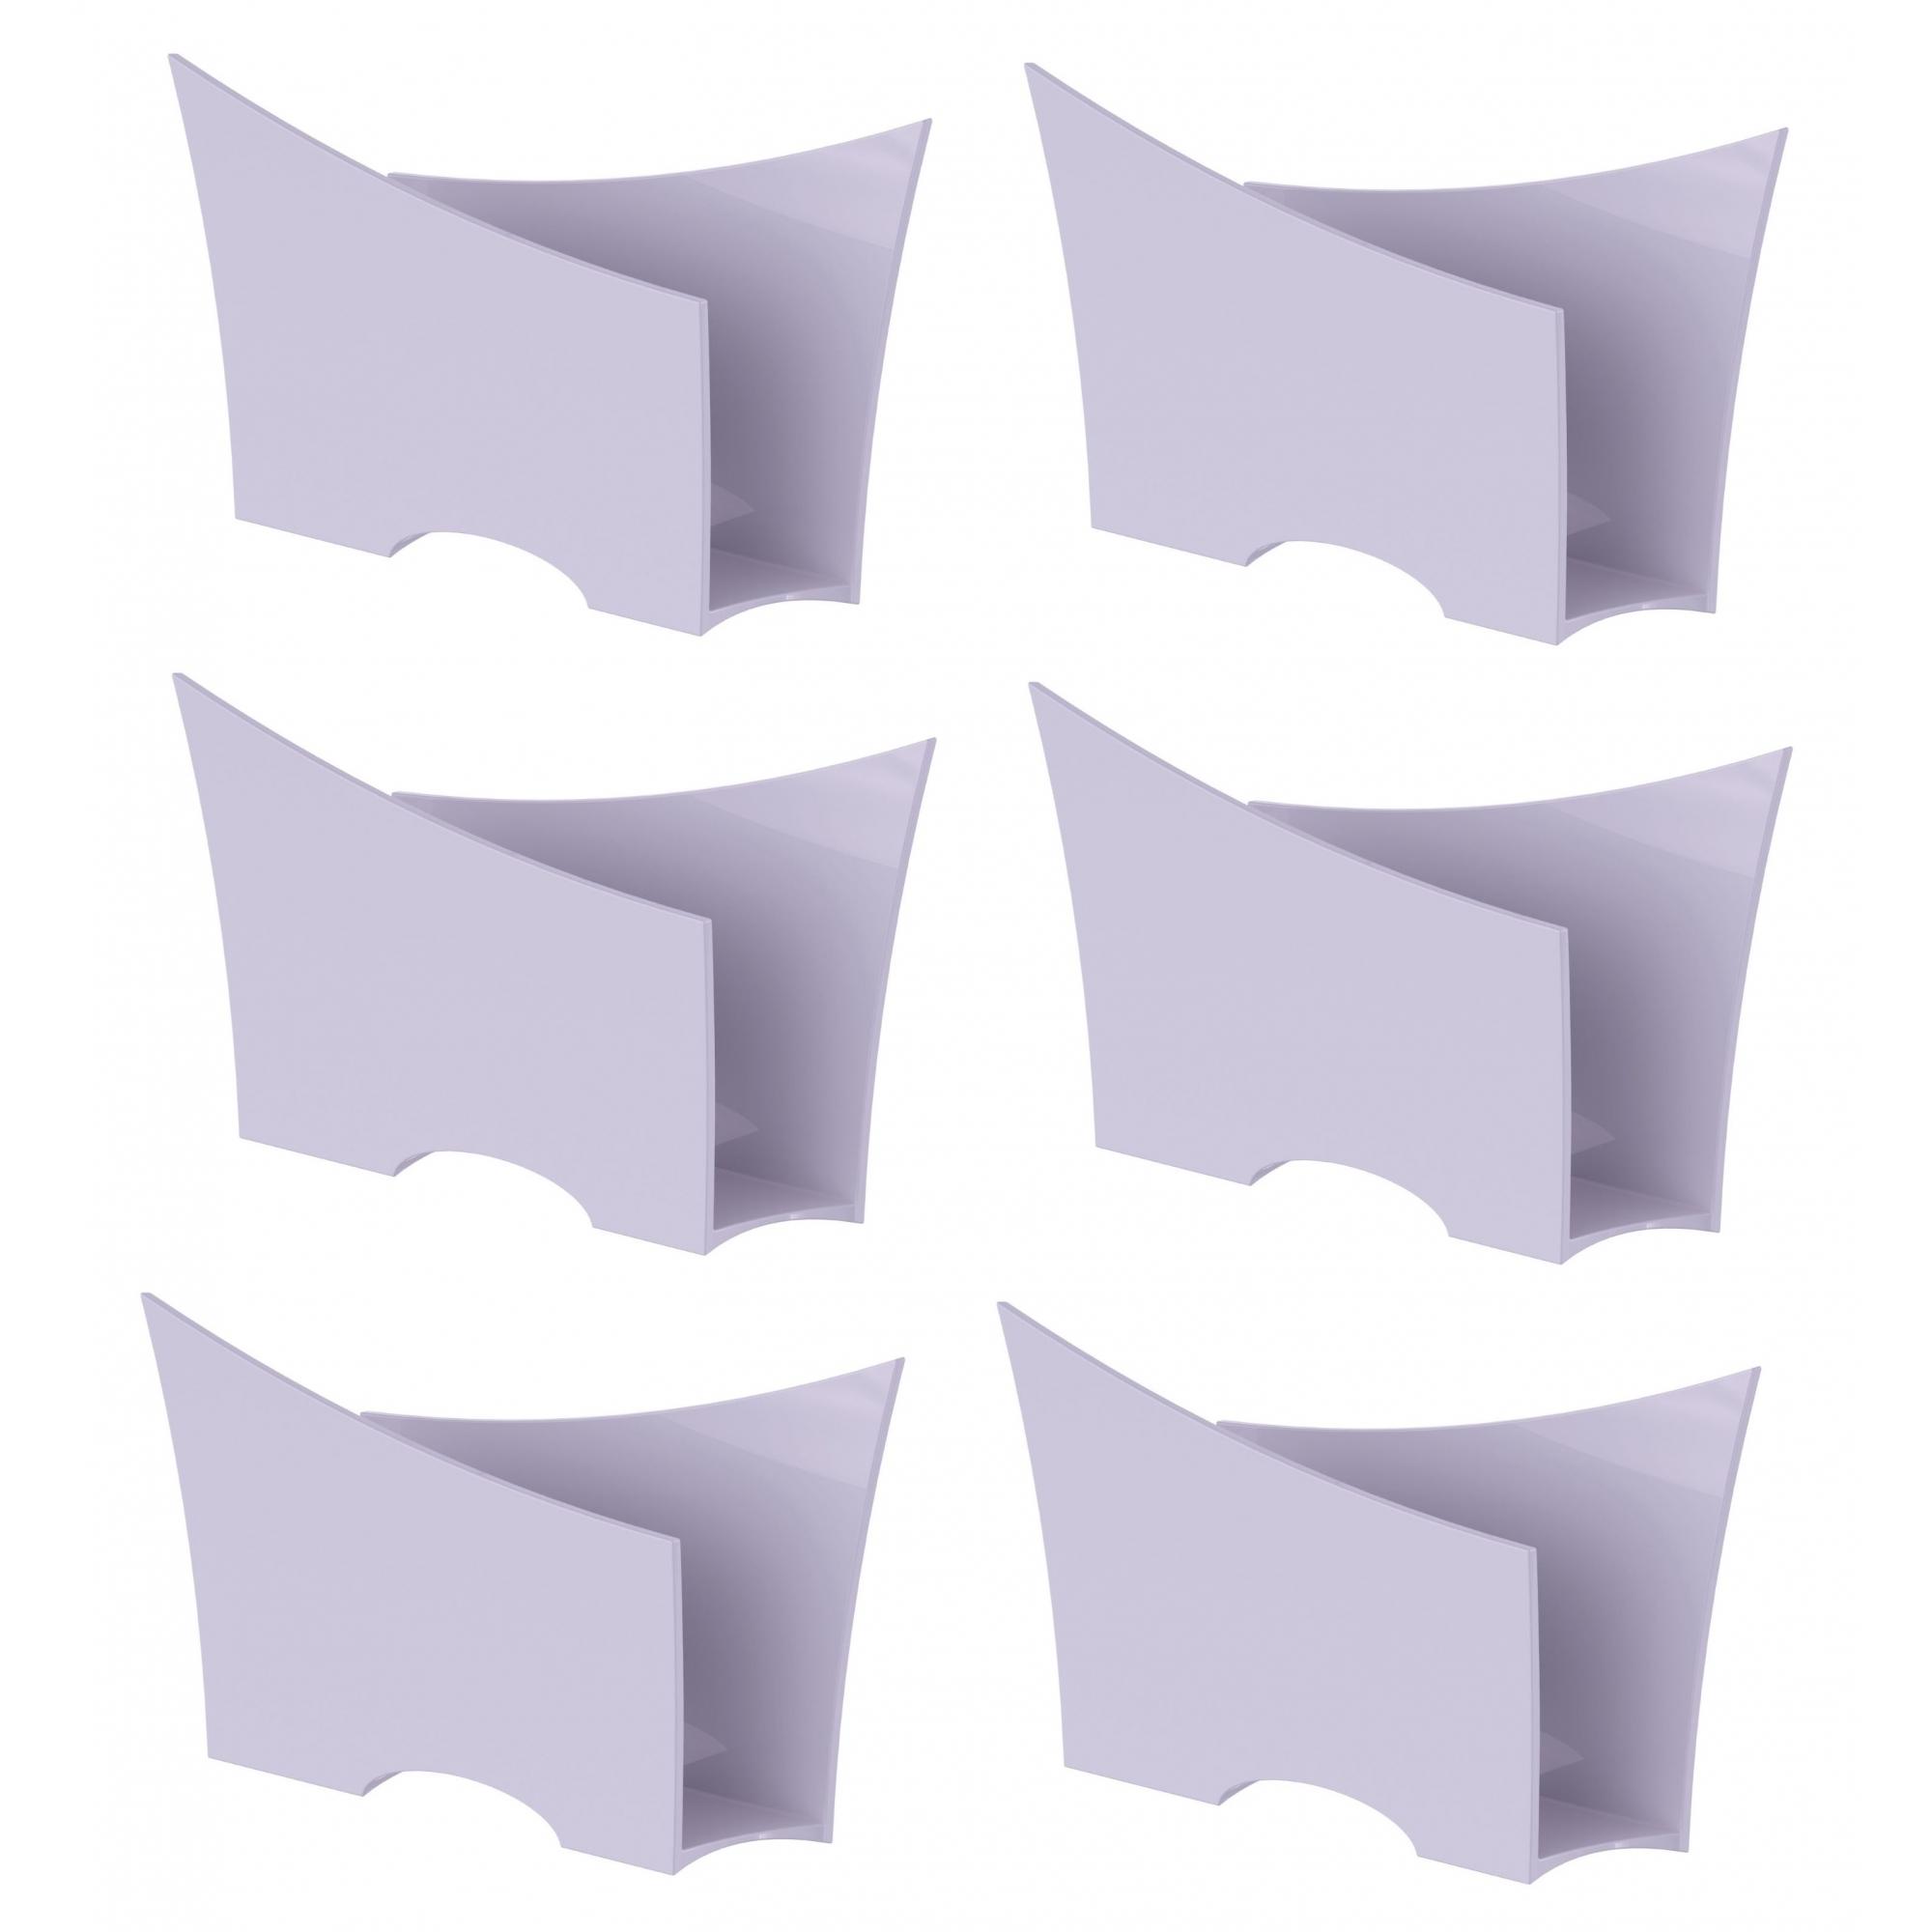 Kit 6 Porta Guardanapo Quadrado Plástico UZ Branco